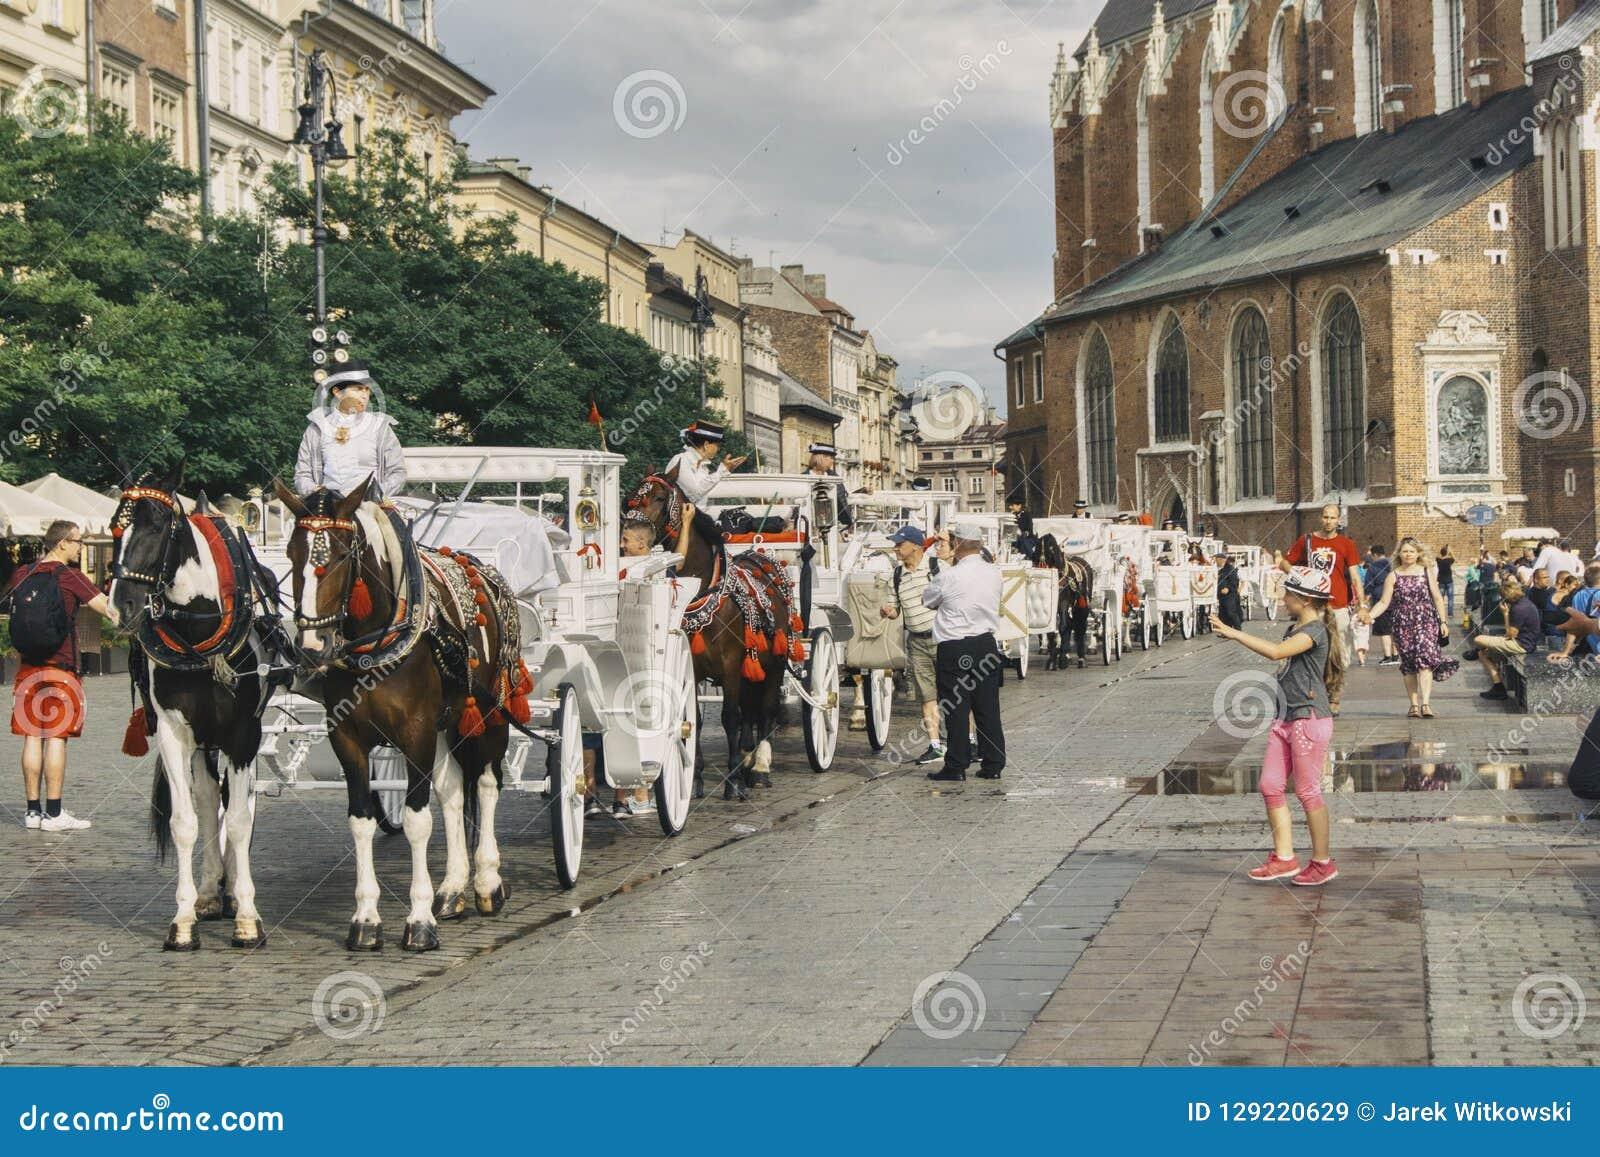 Cabines blanches pour transporter des touristes à Cracovie